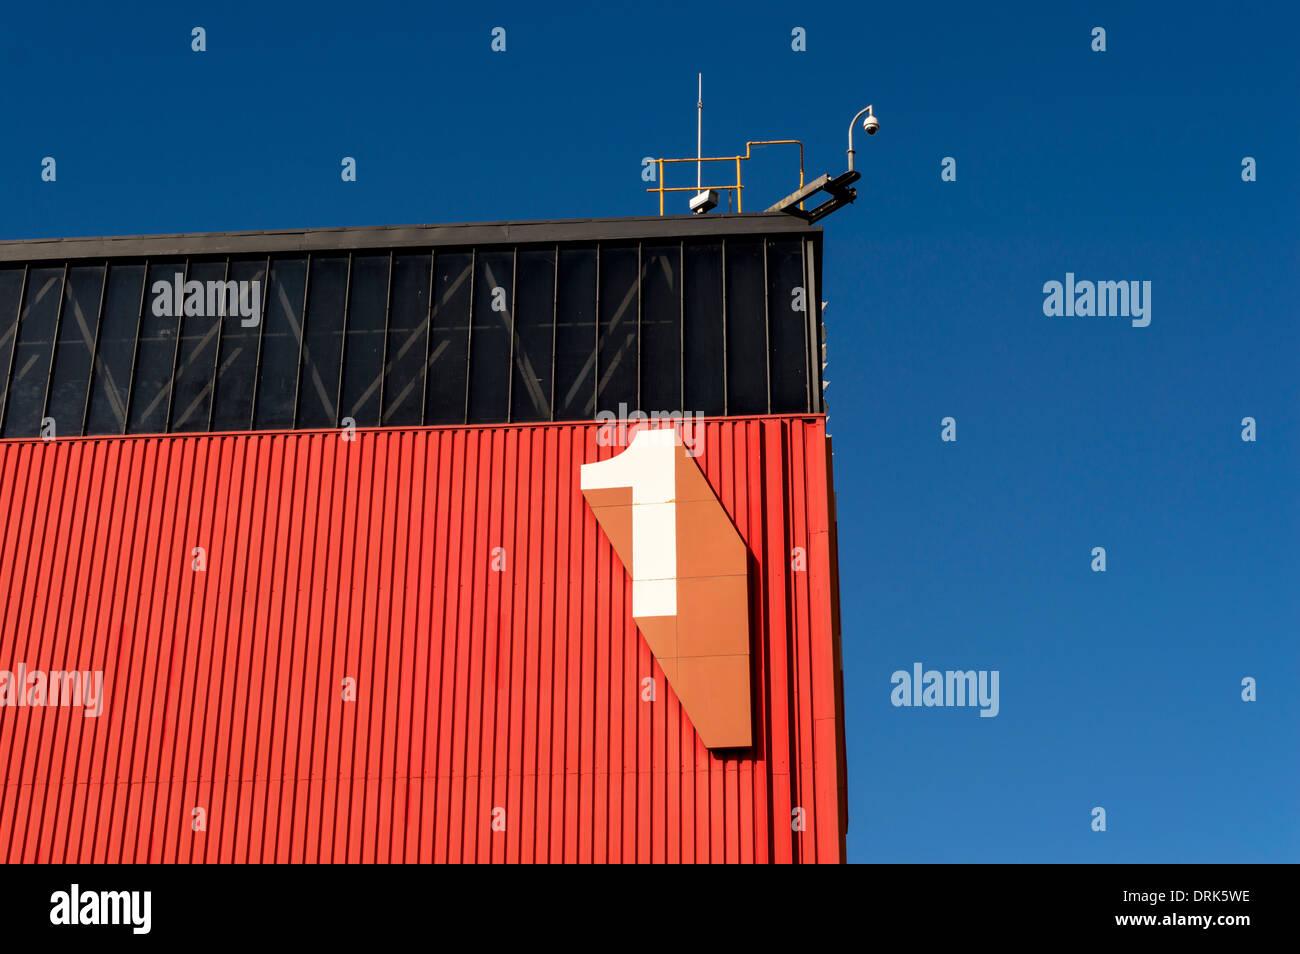 Gran número 1 numeral en el lateral del edificio rojo y negro Imagen De Stock